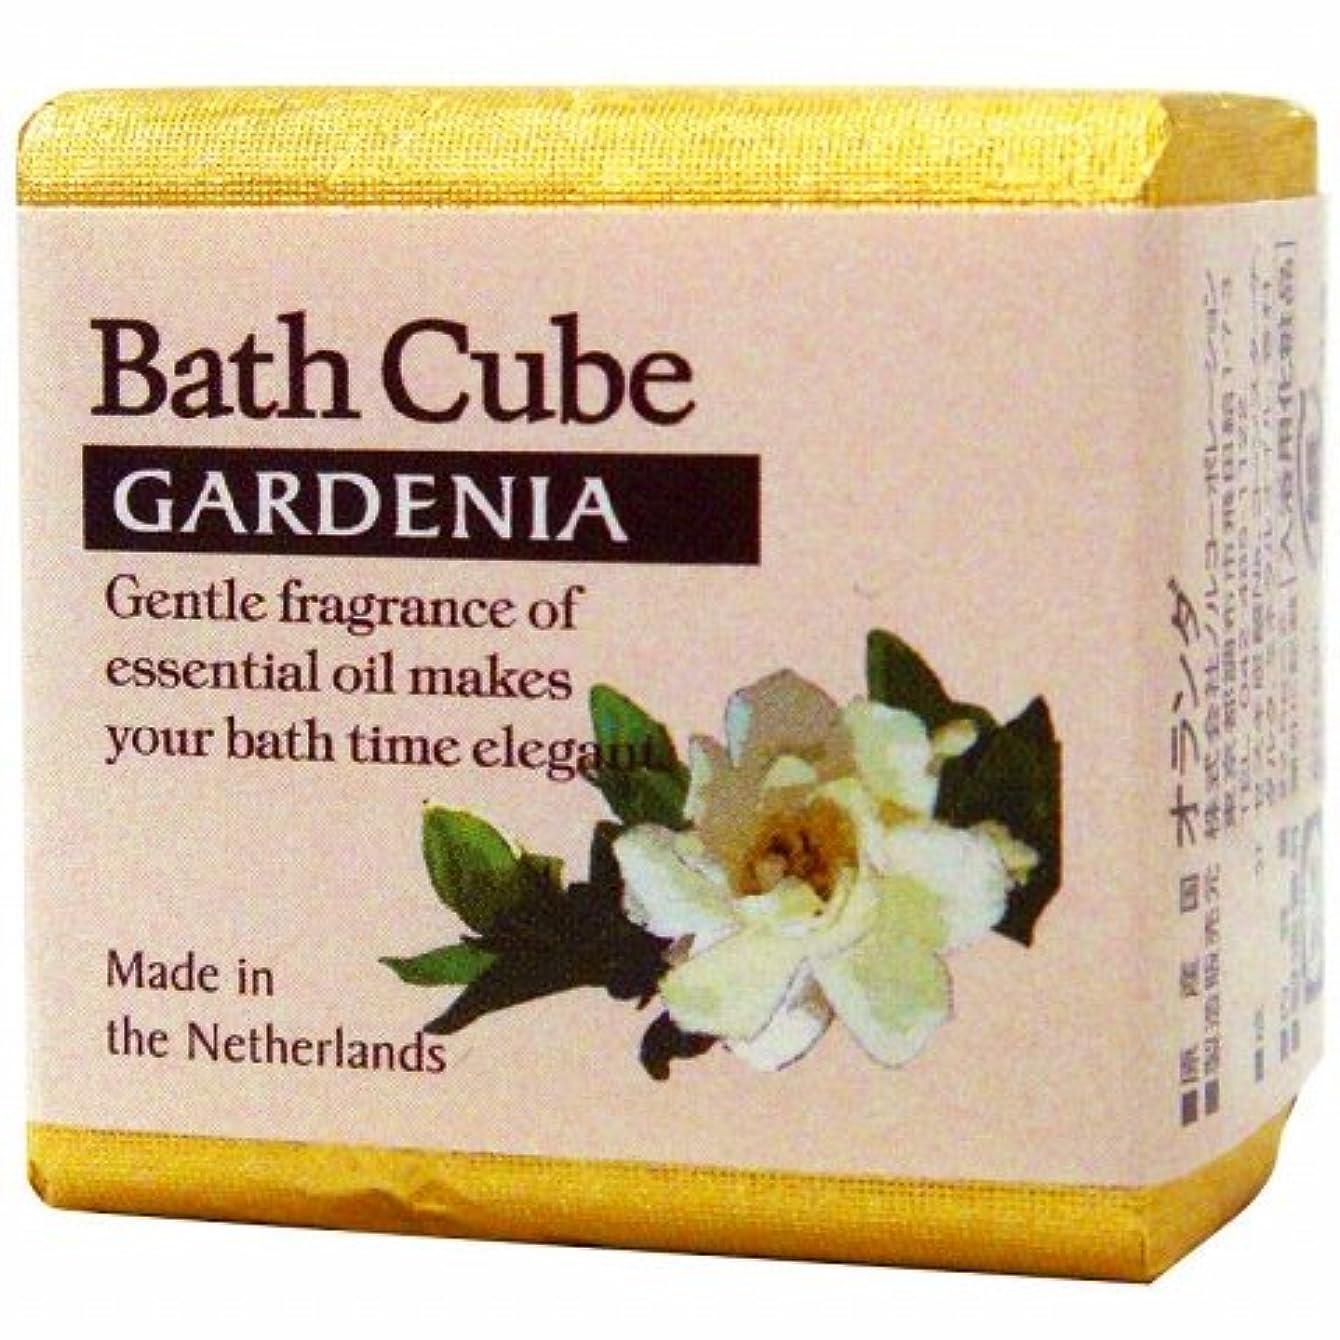 ノート億乳製品フレグランスバスキューブ「ガーデニア」12個セット 甘く咲き誇るくちなしの花の香り